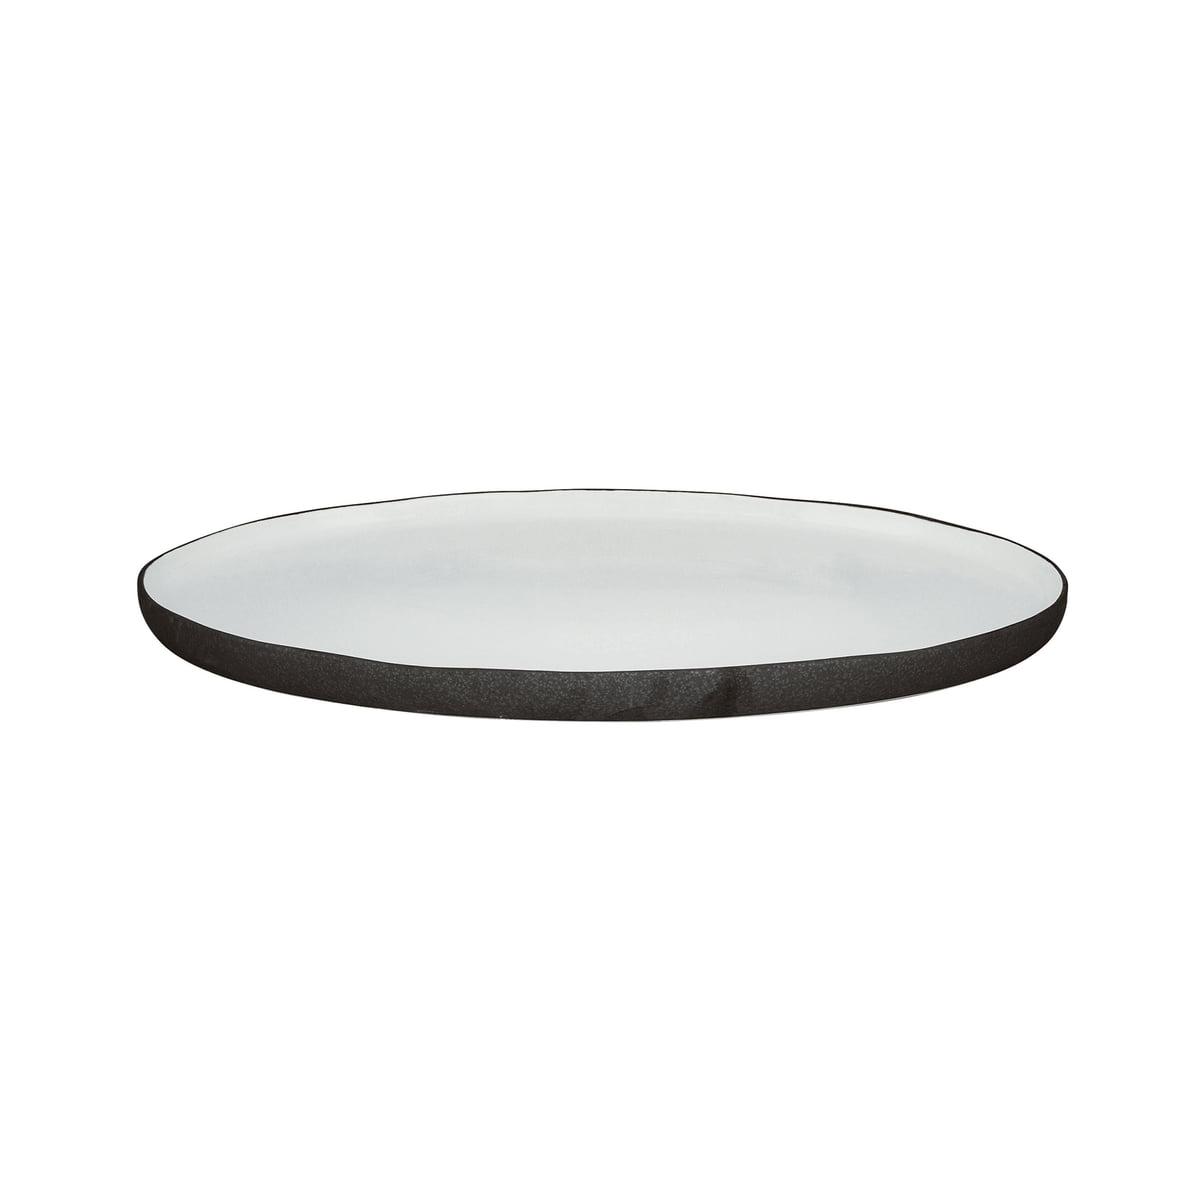 Broste Copenhagen   Esrum Servierplatte oval S, 20 x 20,20 cm, elfenbein  glänzend / grau matt